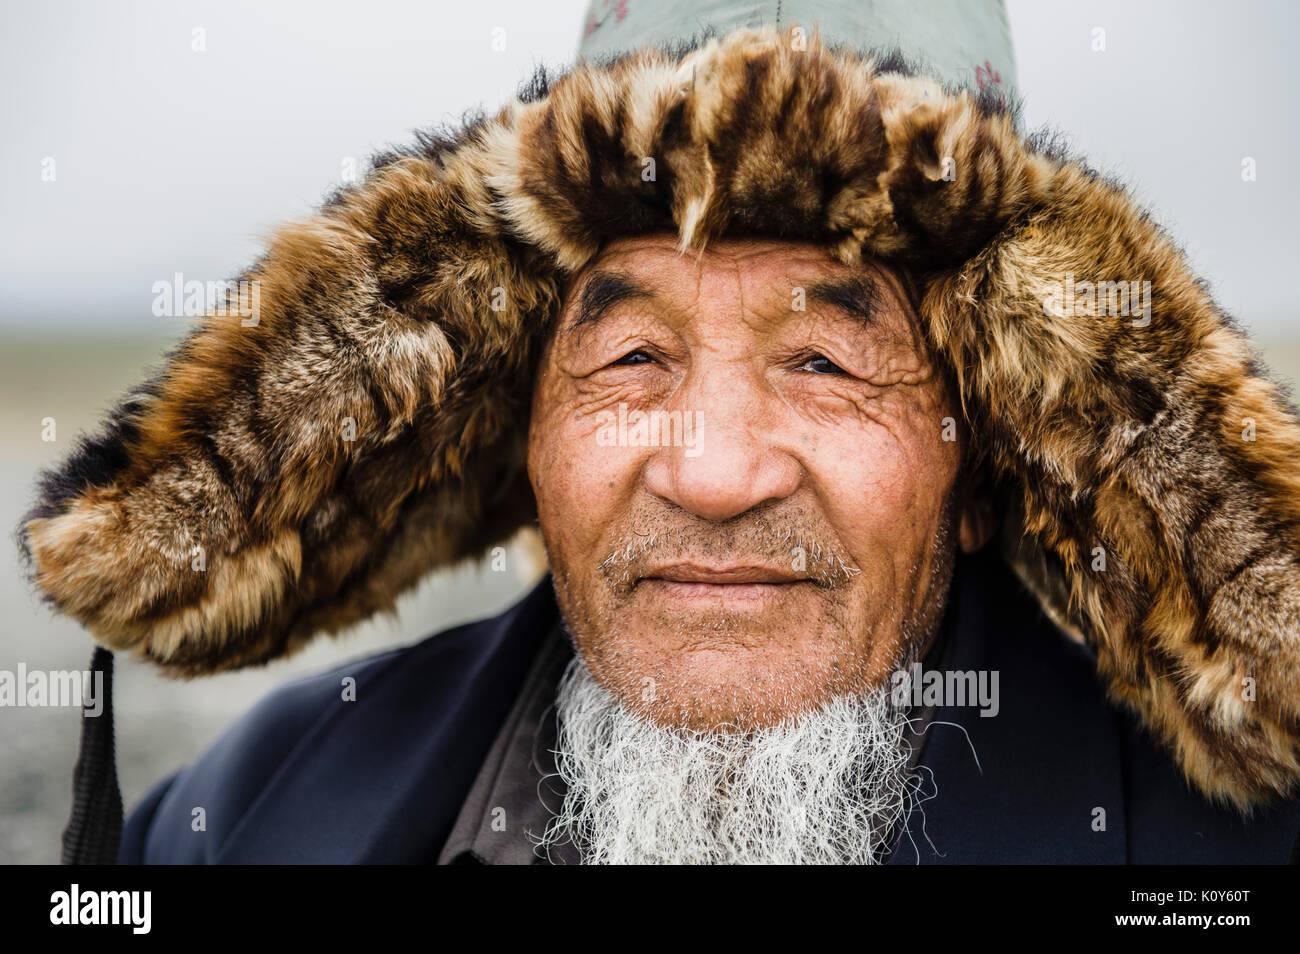 Mongolian men in China of the Meng Ethnic minority, Xinjiang. China - Stock Image